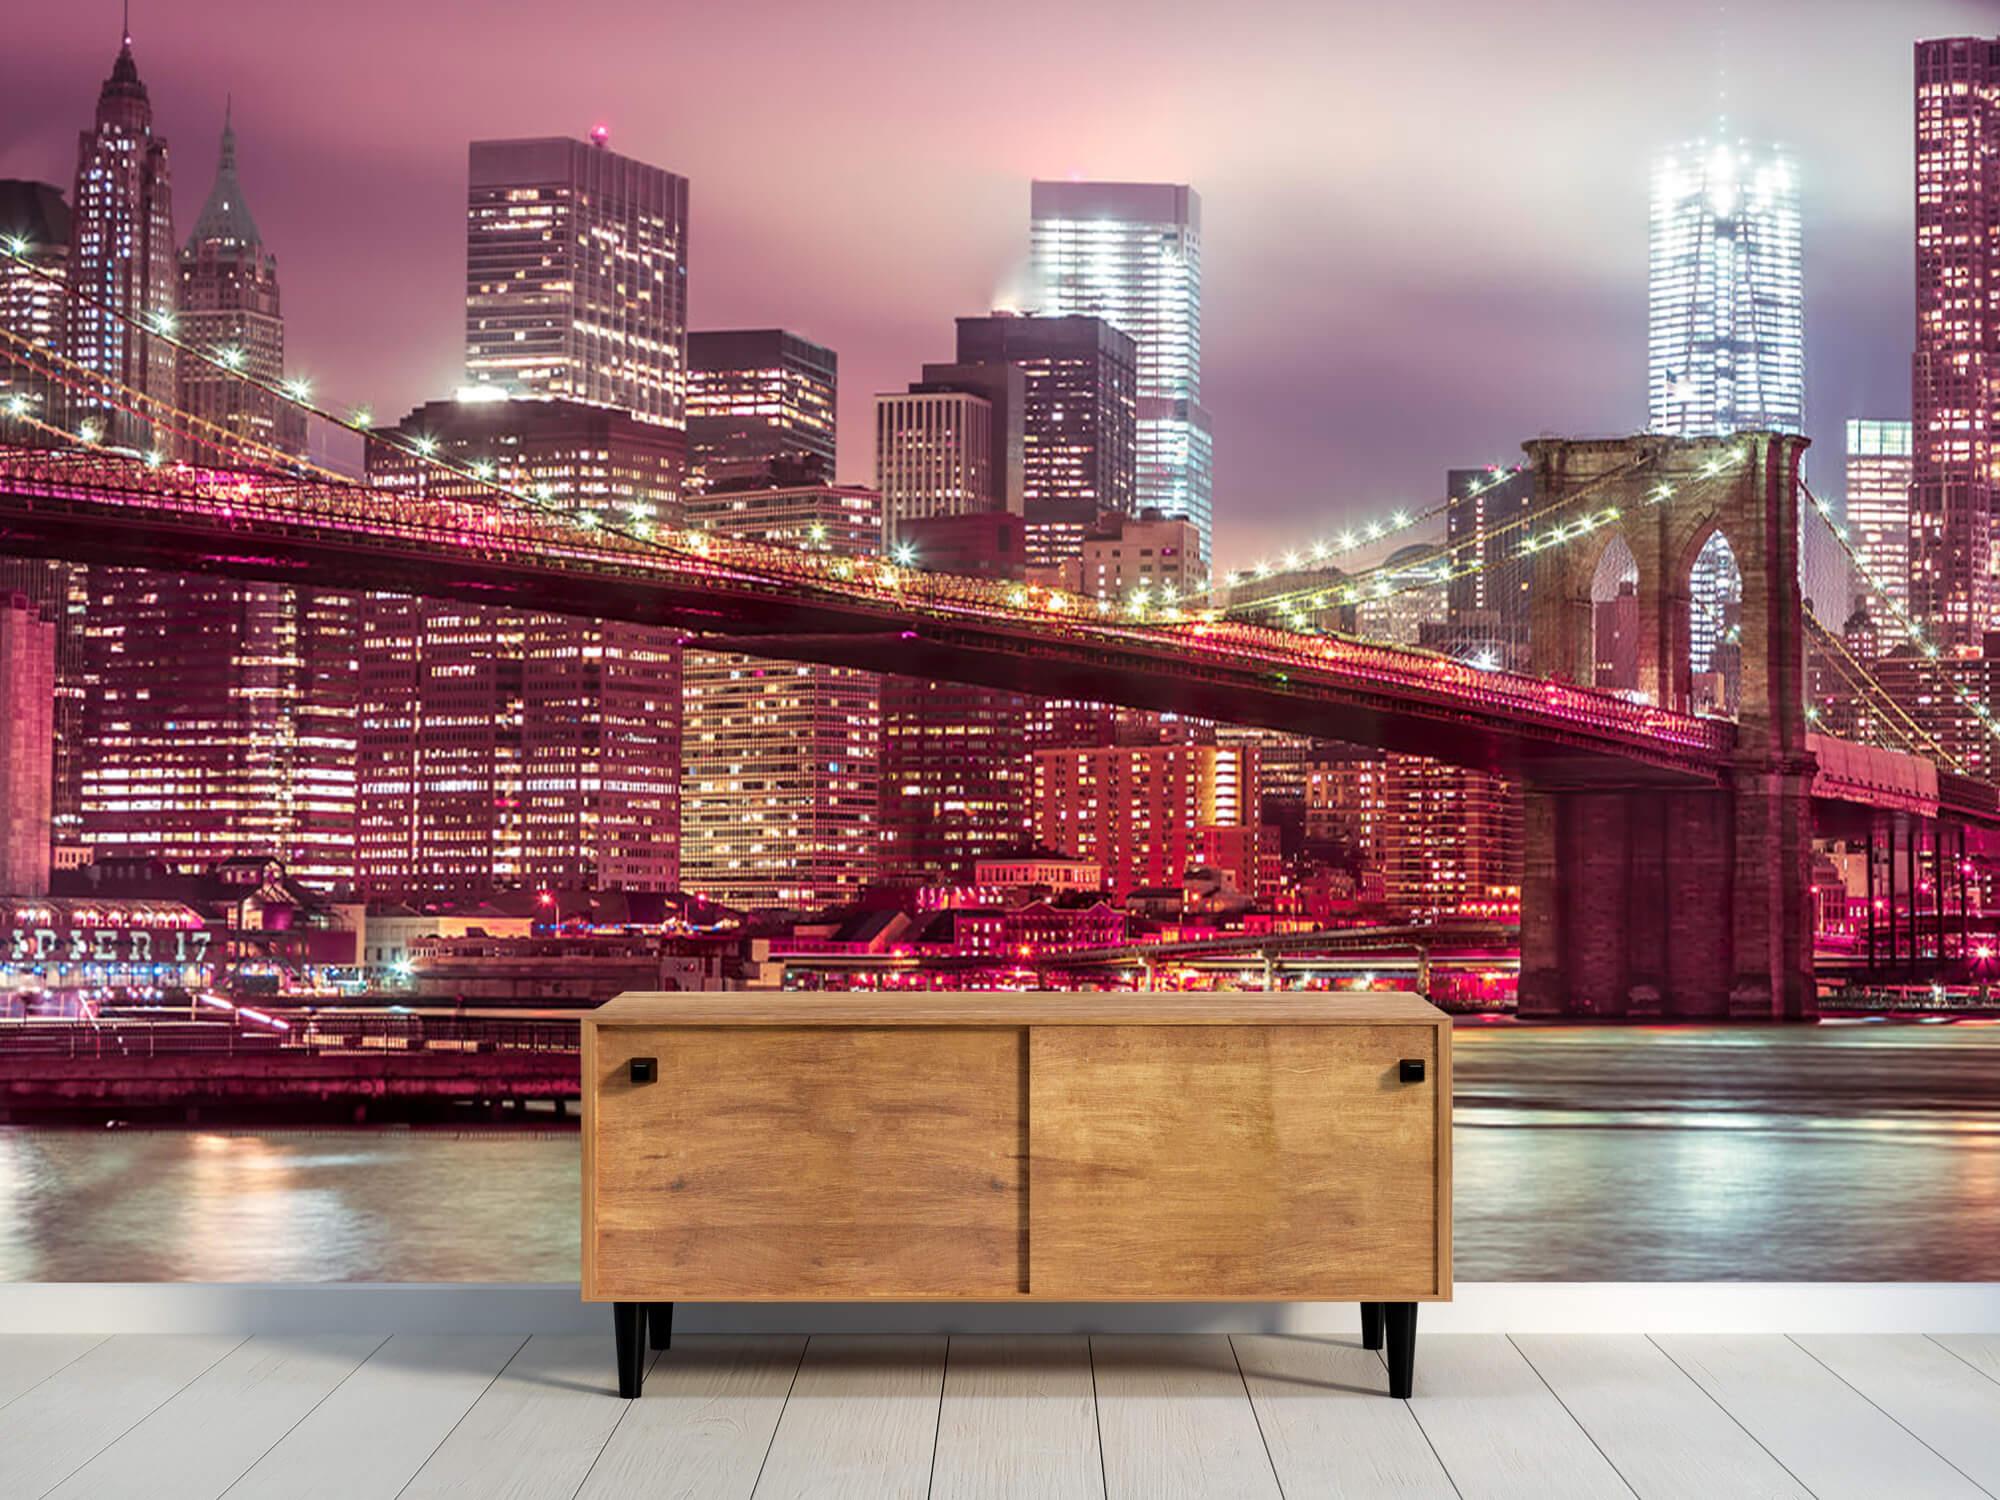 Soirée à Manhattan 12